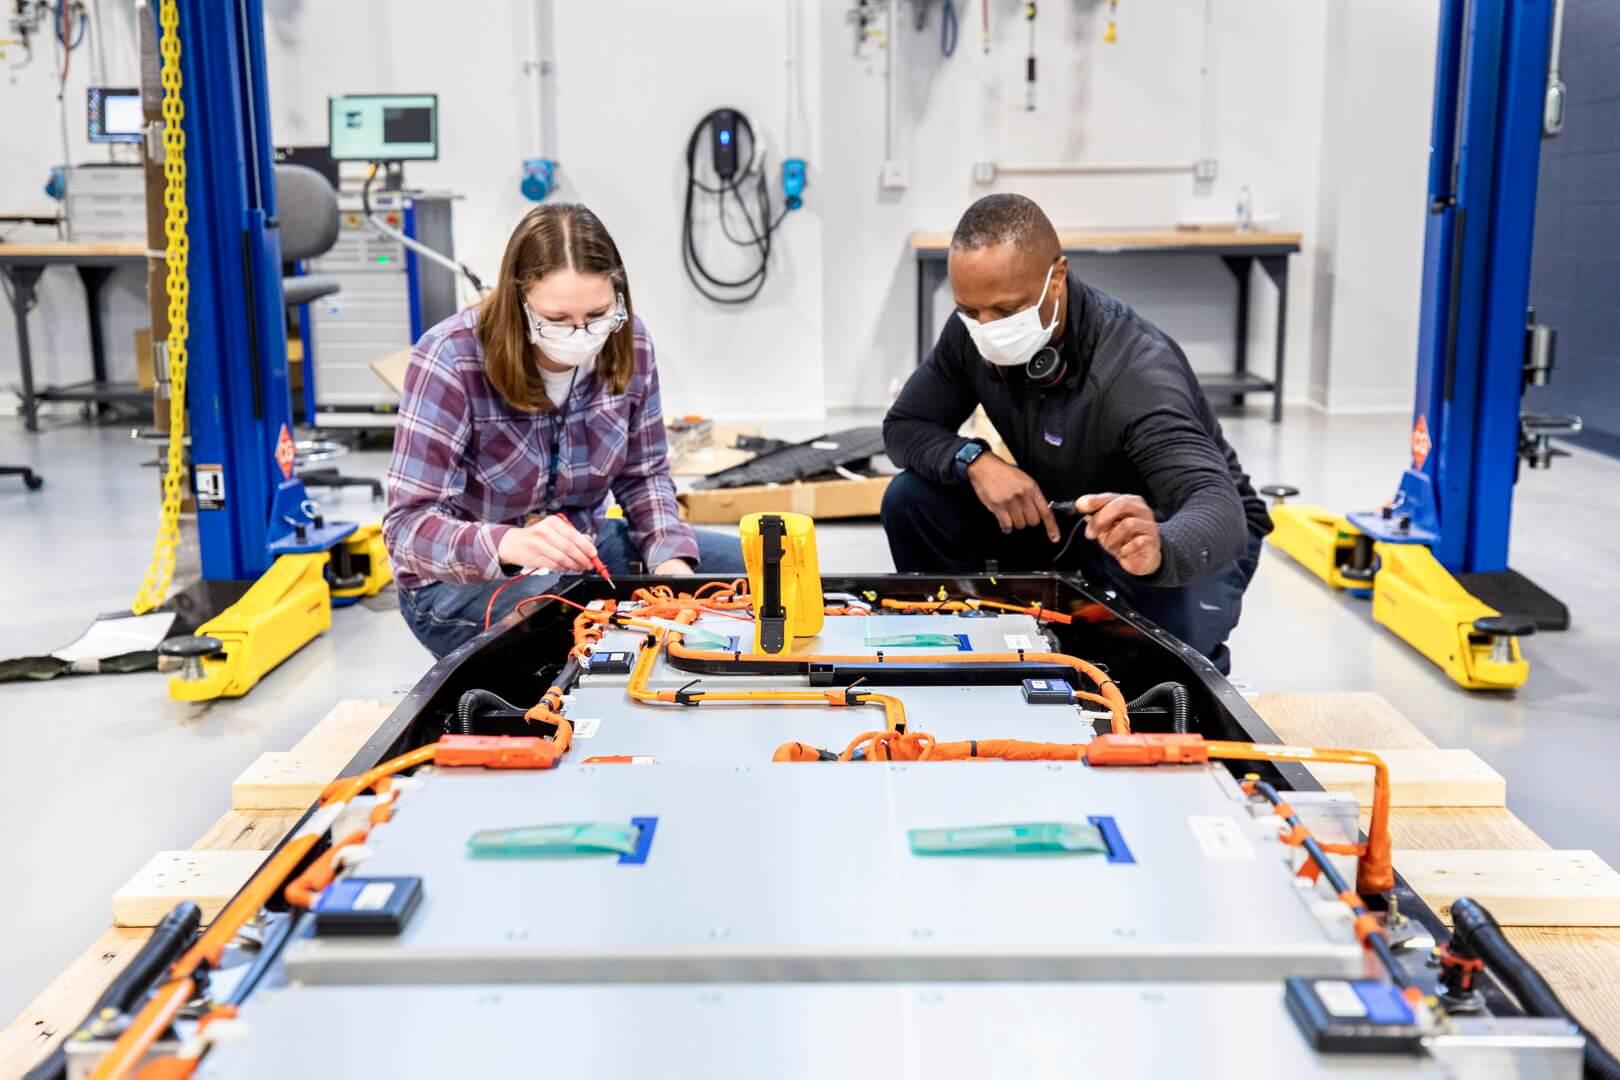 Ford откроет лабораторию по тестированию и производству аккумуляторов для электромобилей в Мичигане